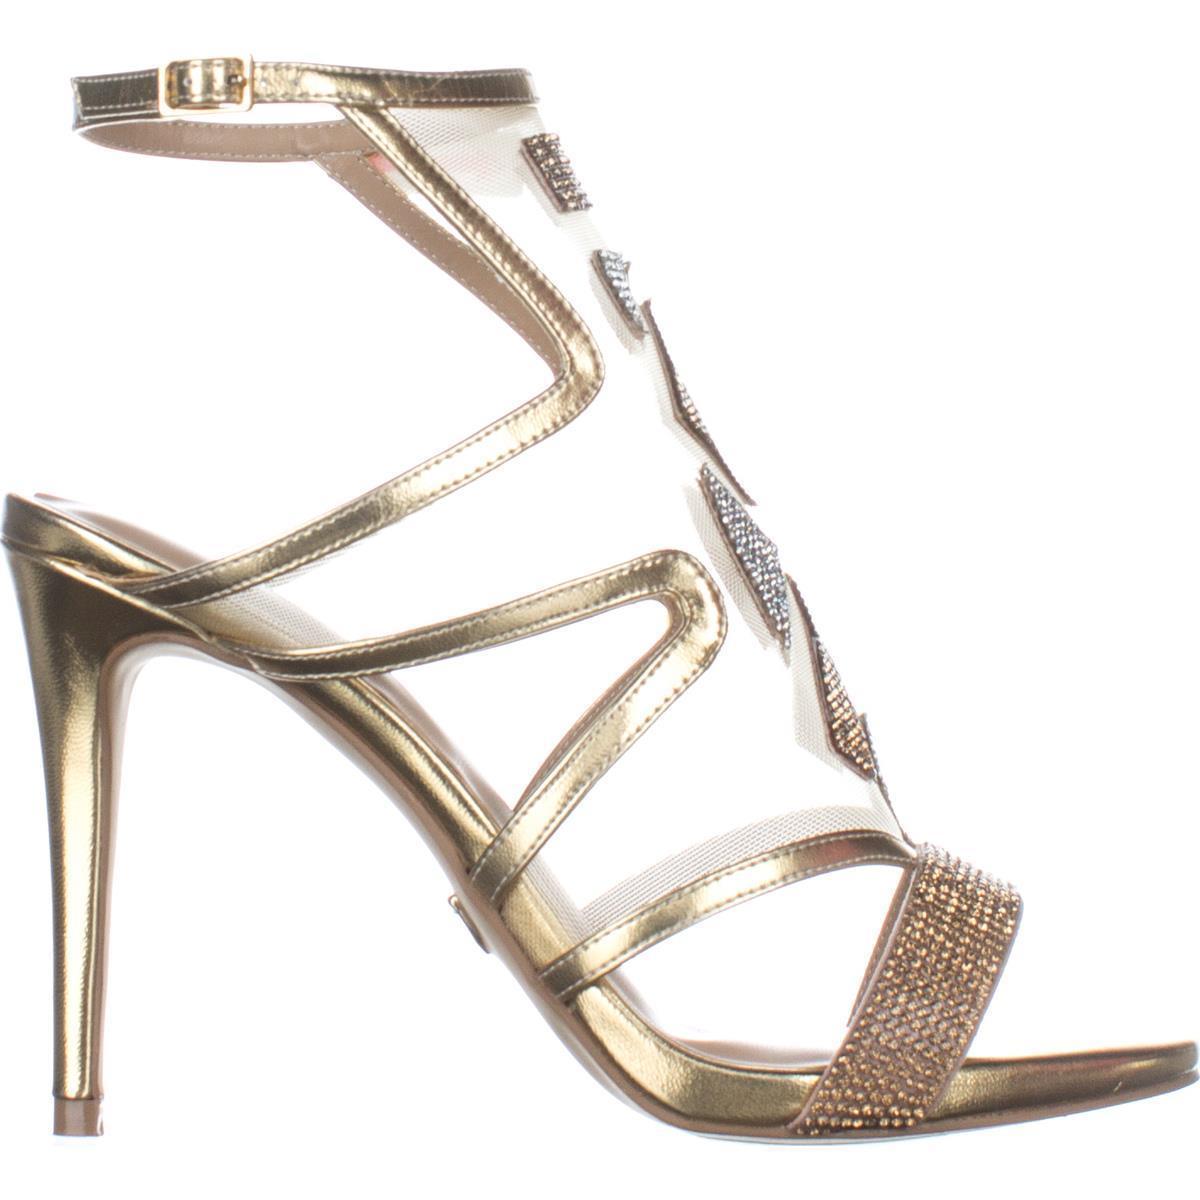 Thalia Sodi Damenschuhe Open Regalo Fabric Open Damenschuhe Toe Special Occasion ... 4c75ce